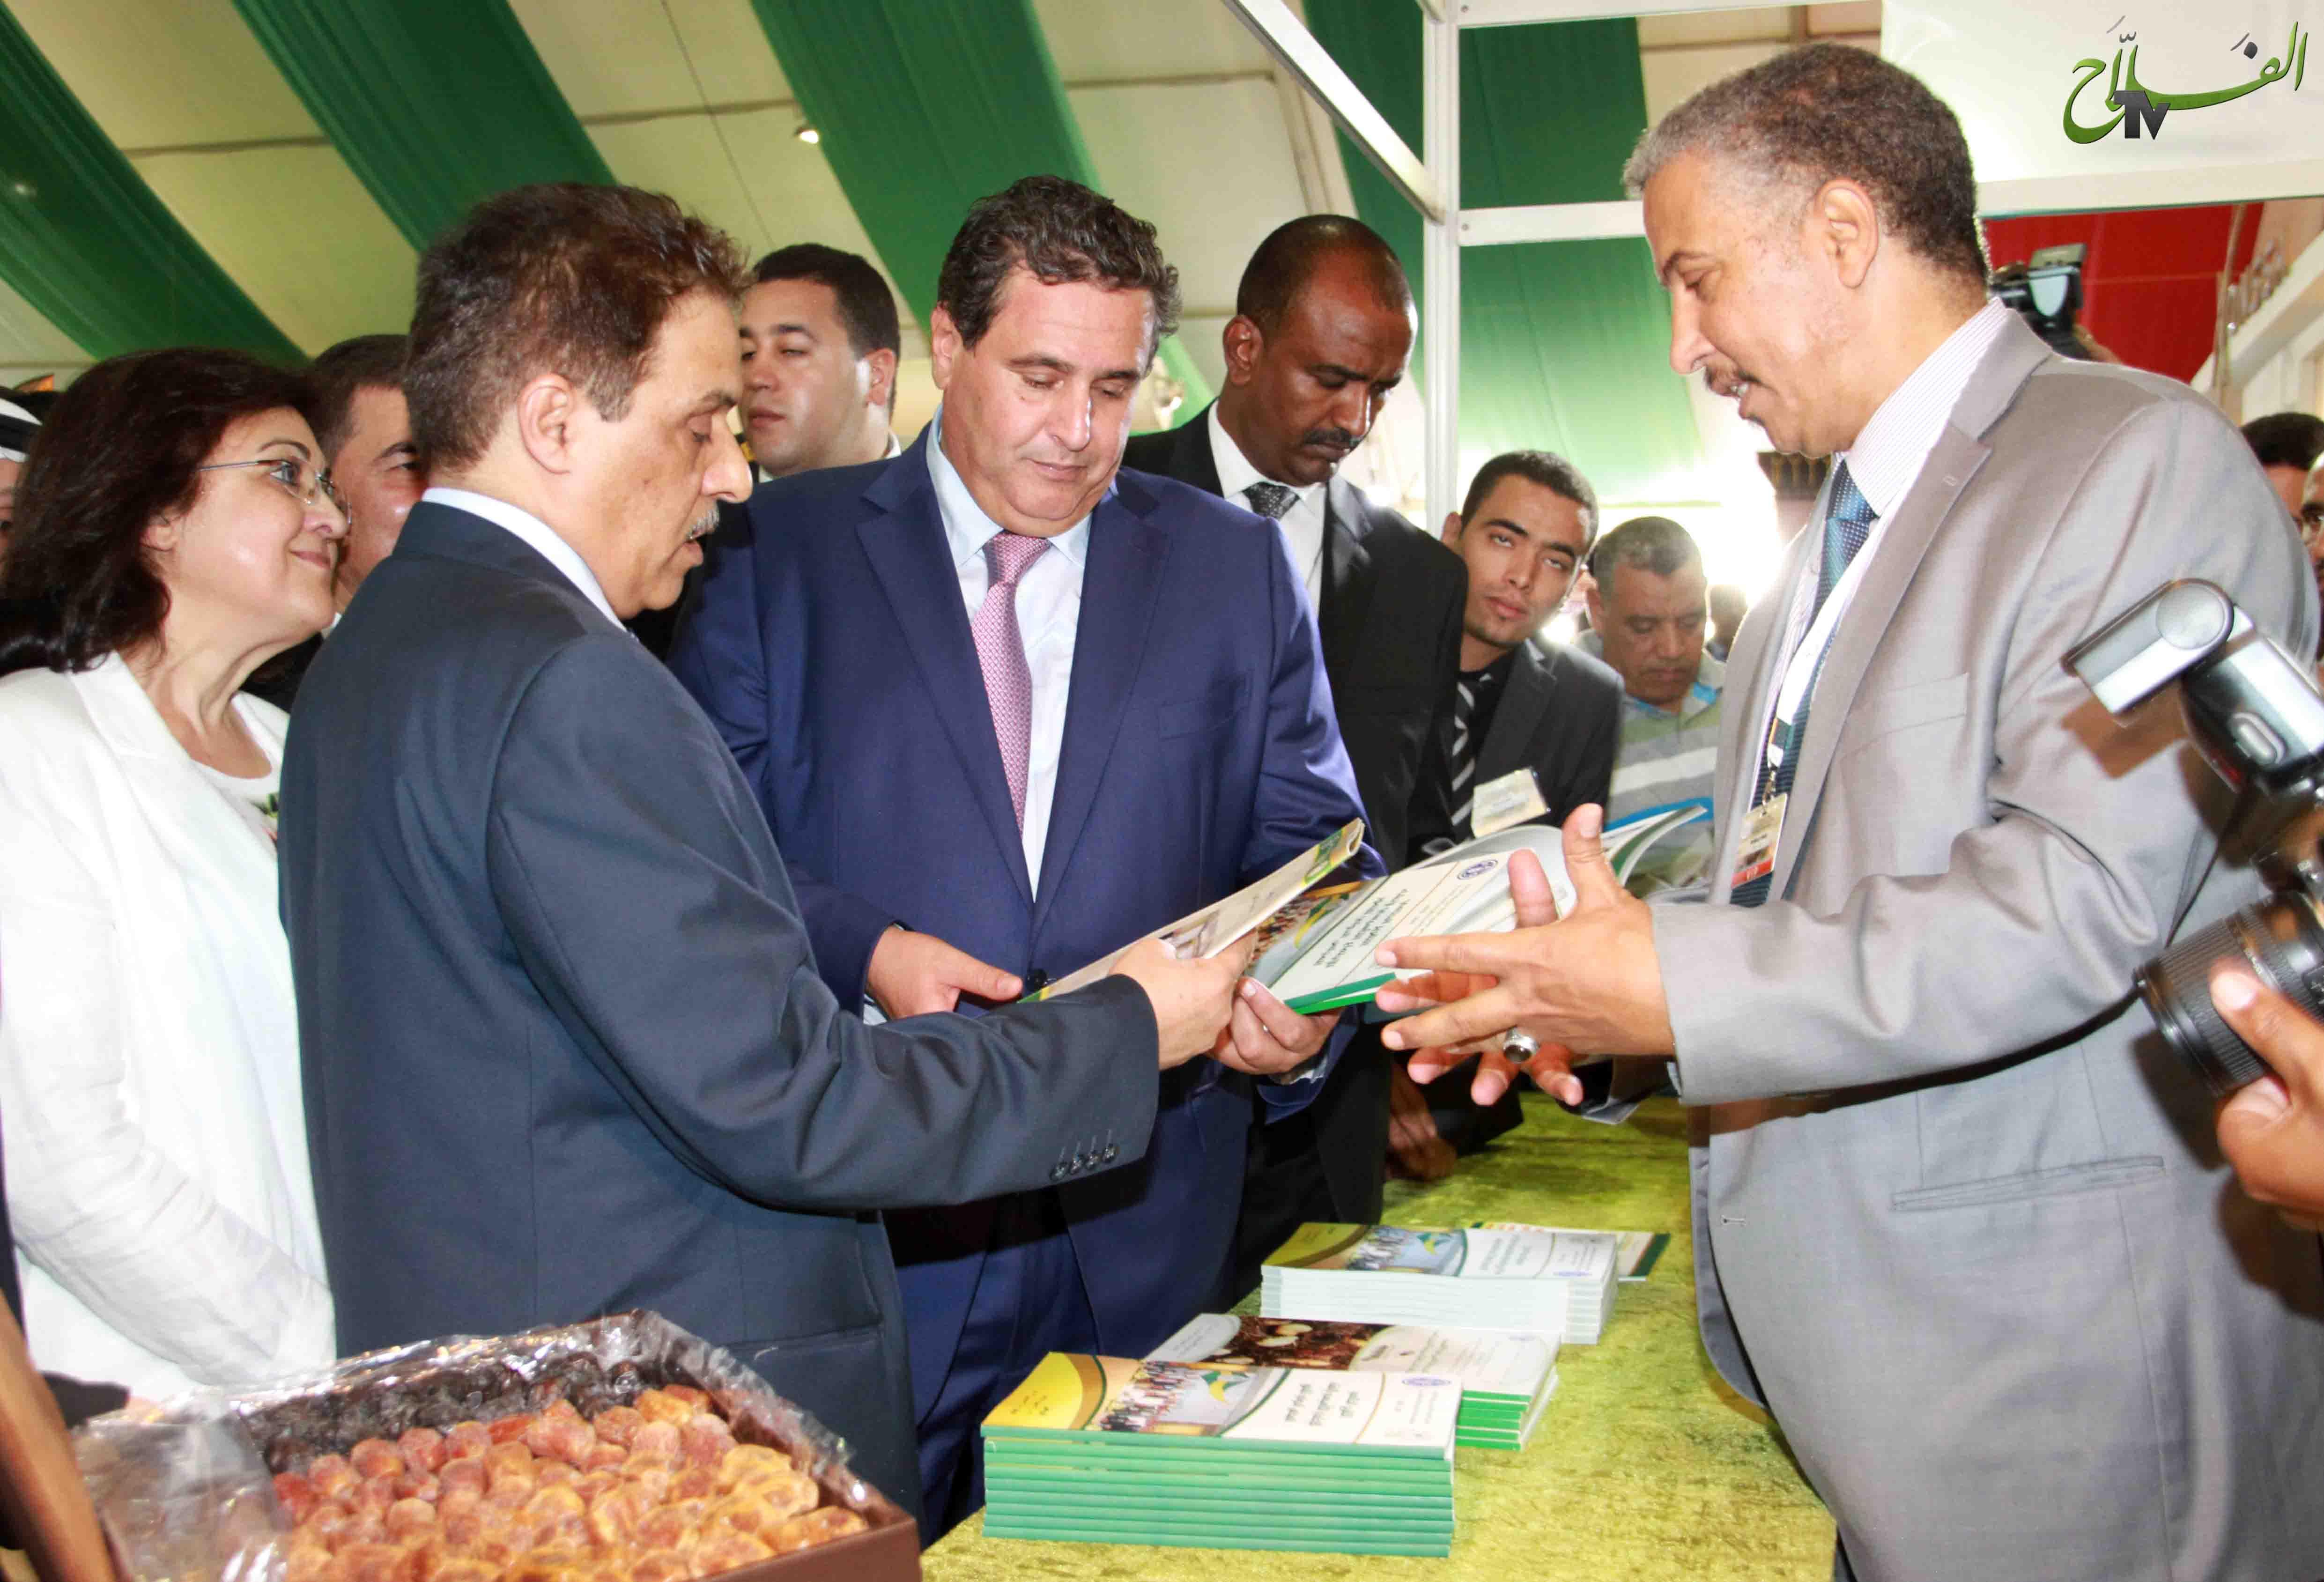 جولة وزير الفلاحة في أررقة المعرض الدولي للتمور بأرفود 2014 مع تصريح للصحافة